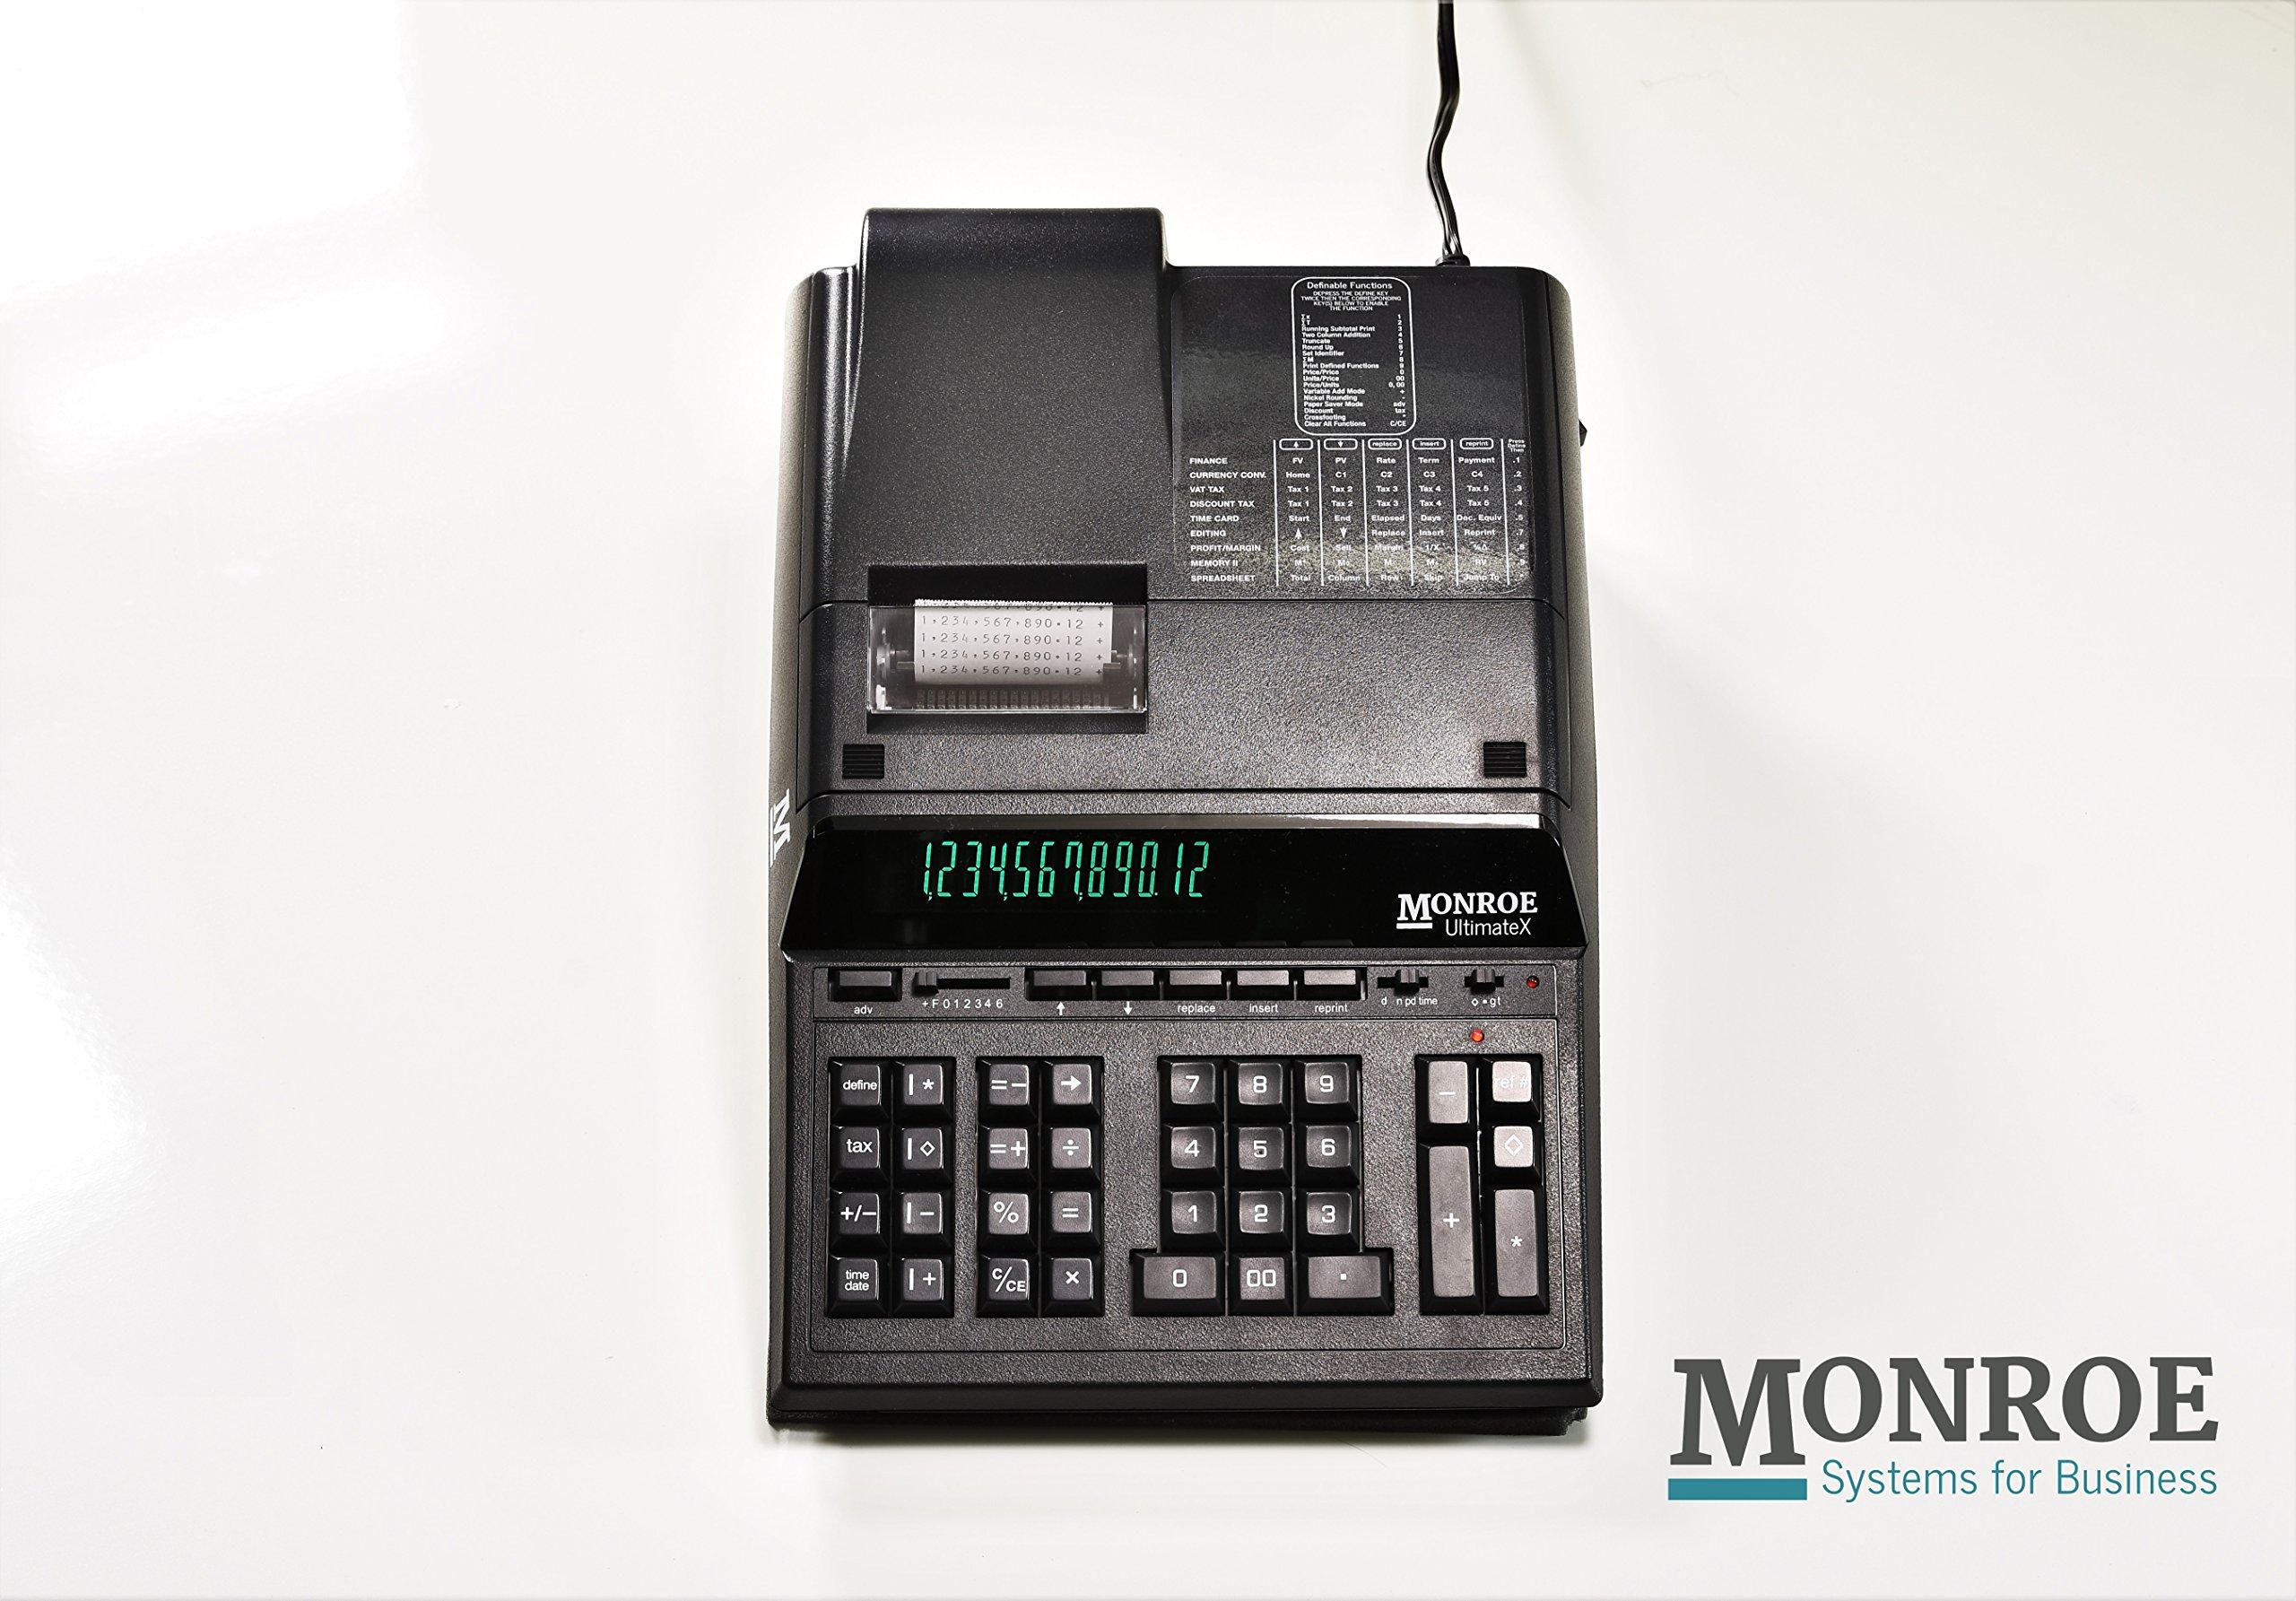 Monroe UltimateX 12 Digit Printing Calculator